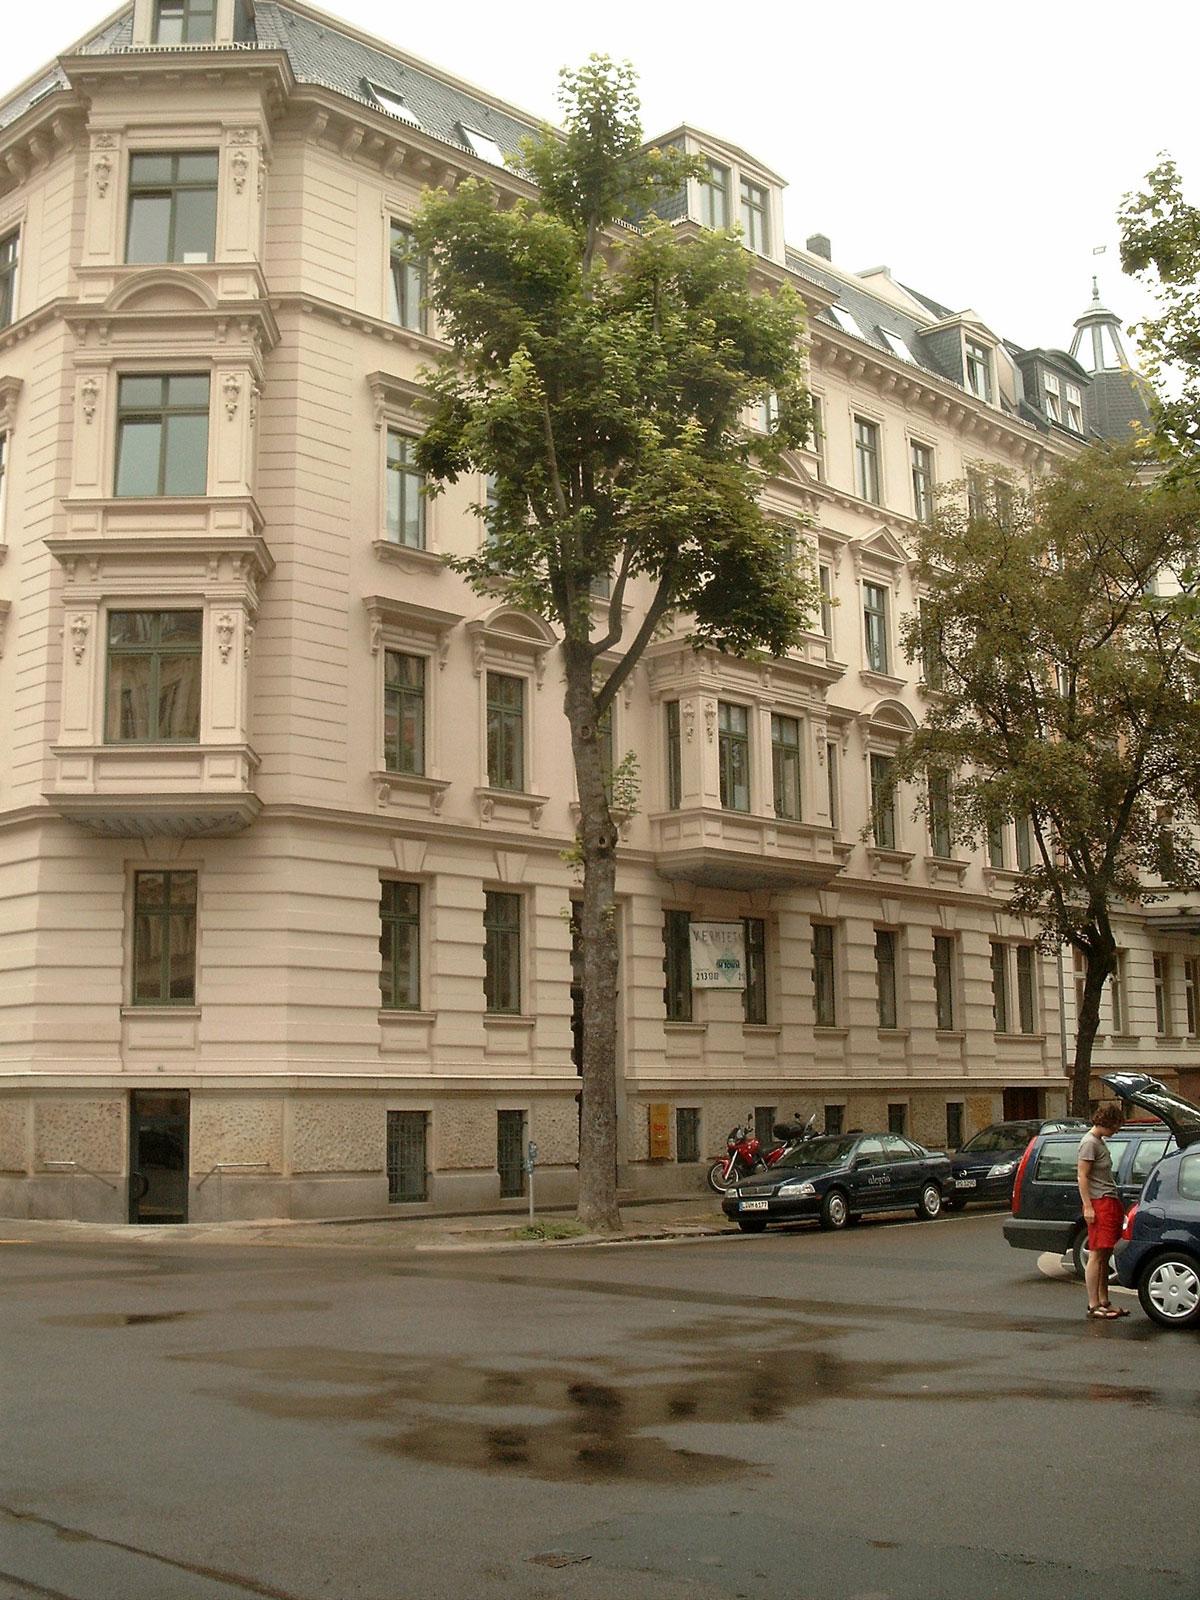 Vermietung 2-3-Zi-Whg Waldstrassenviertel